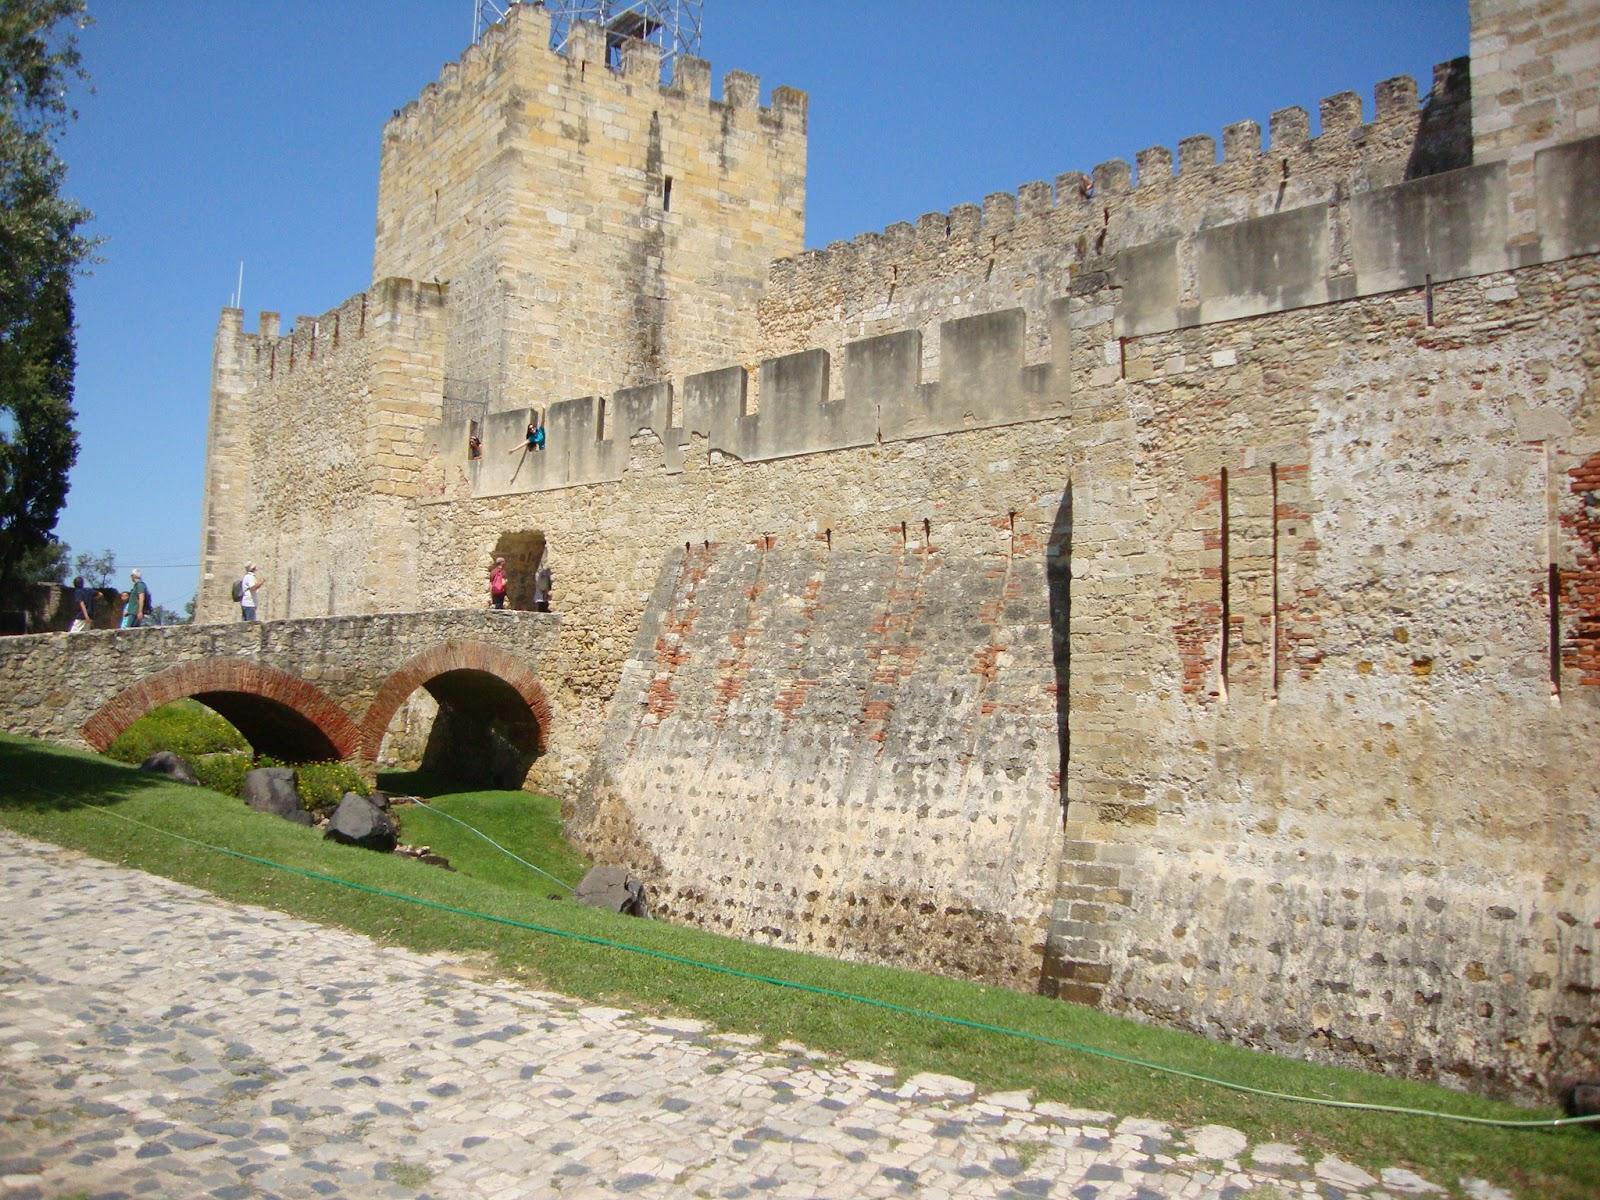 Roteiro de Viagem: Portugal I Minuto de Frescura #2C679F 1600 1200